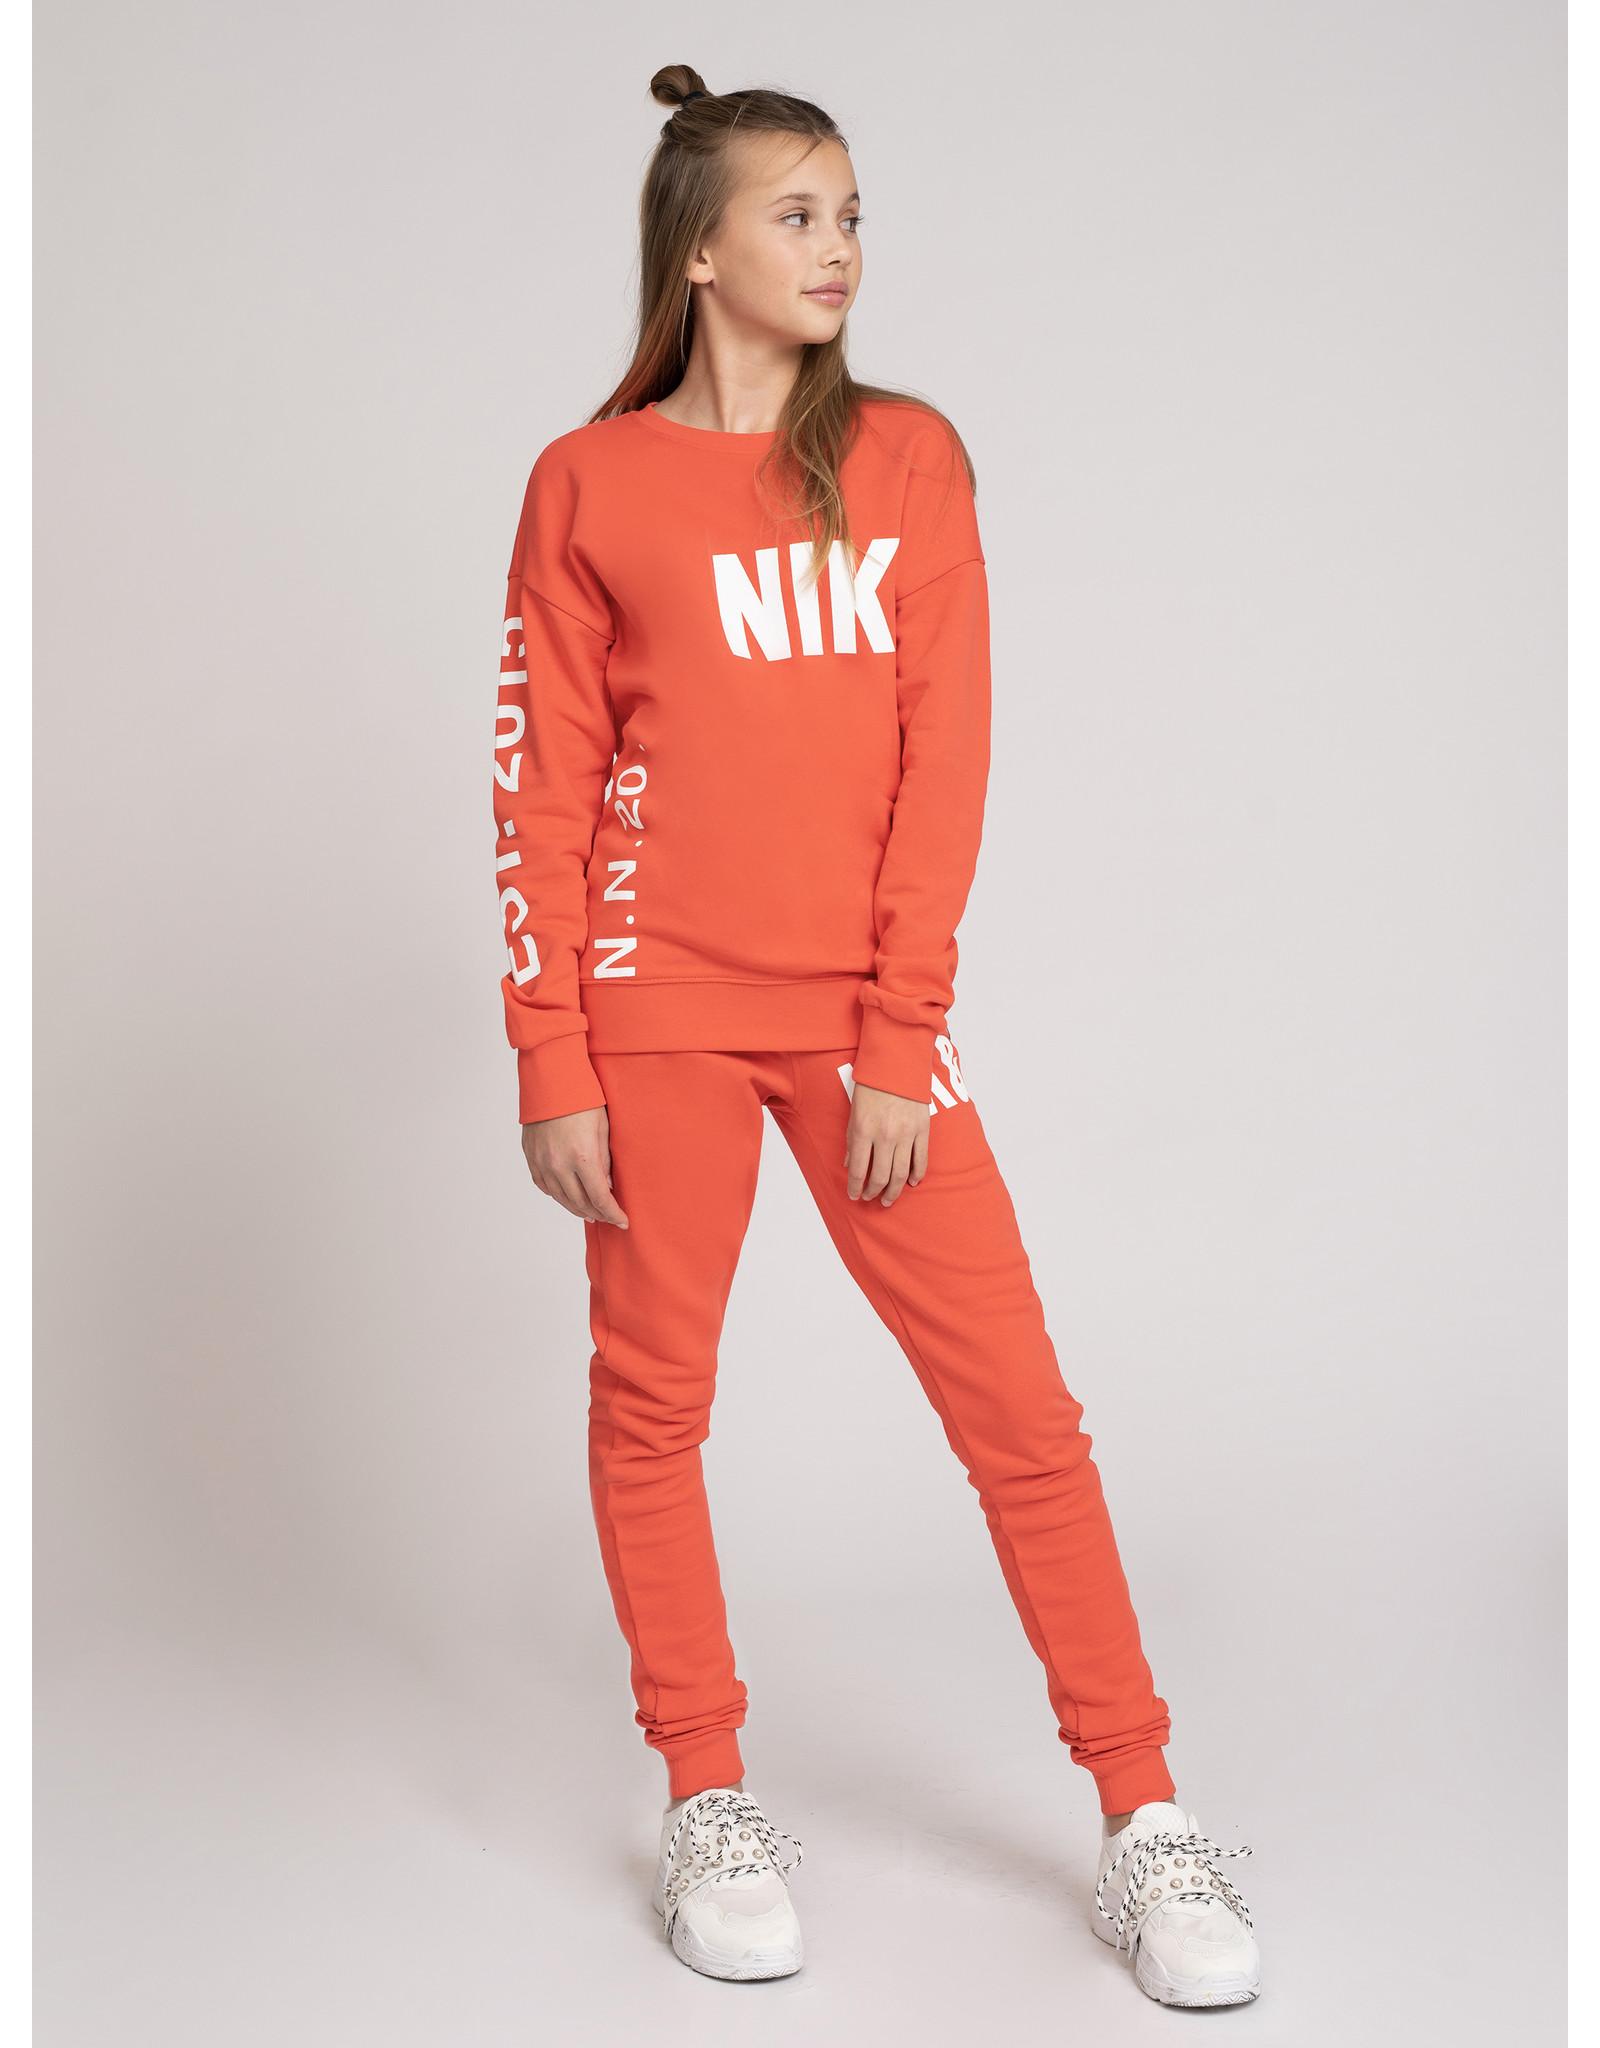 Nik&Nik NIK & NIK Polly Nik&Nik Pants-Soft Coral